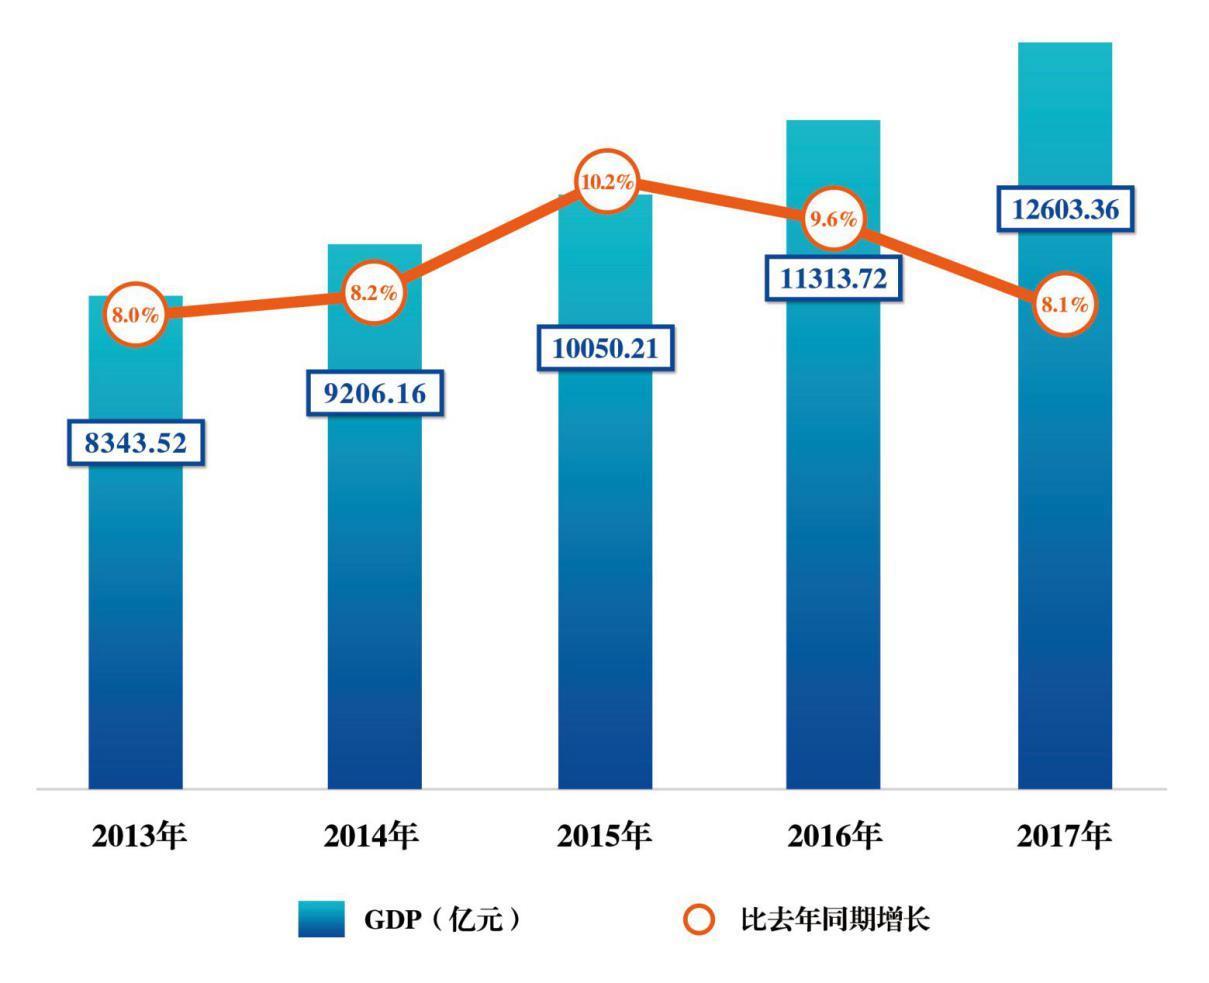 2017浙江gdp_经济强省GDP霸榜,中国这些省都超过大部分国家了(2)